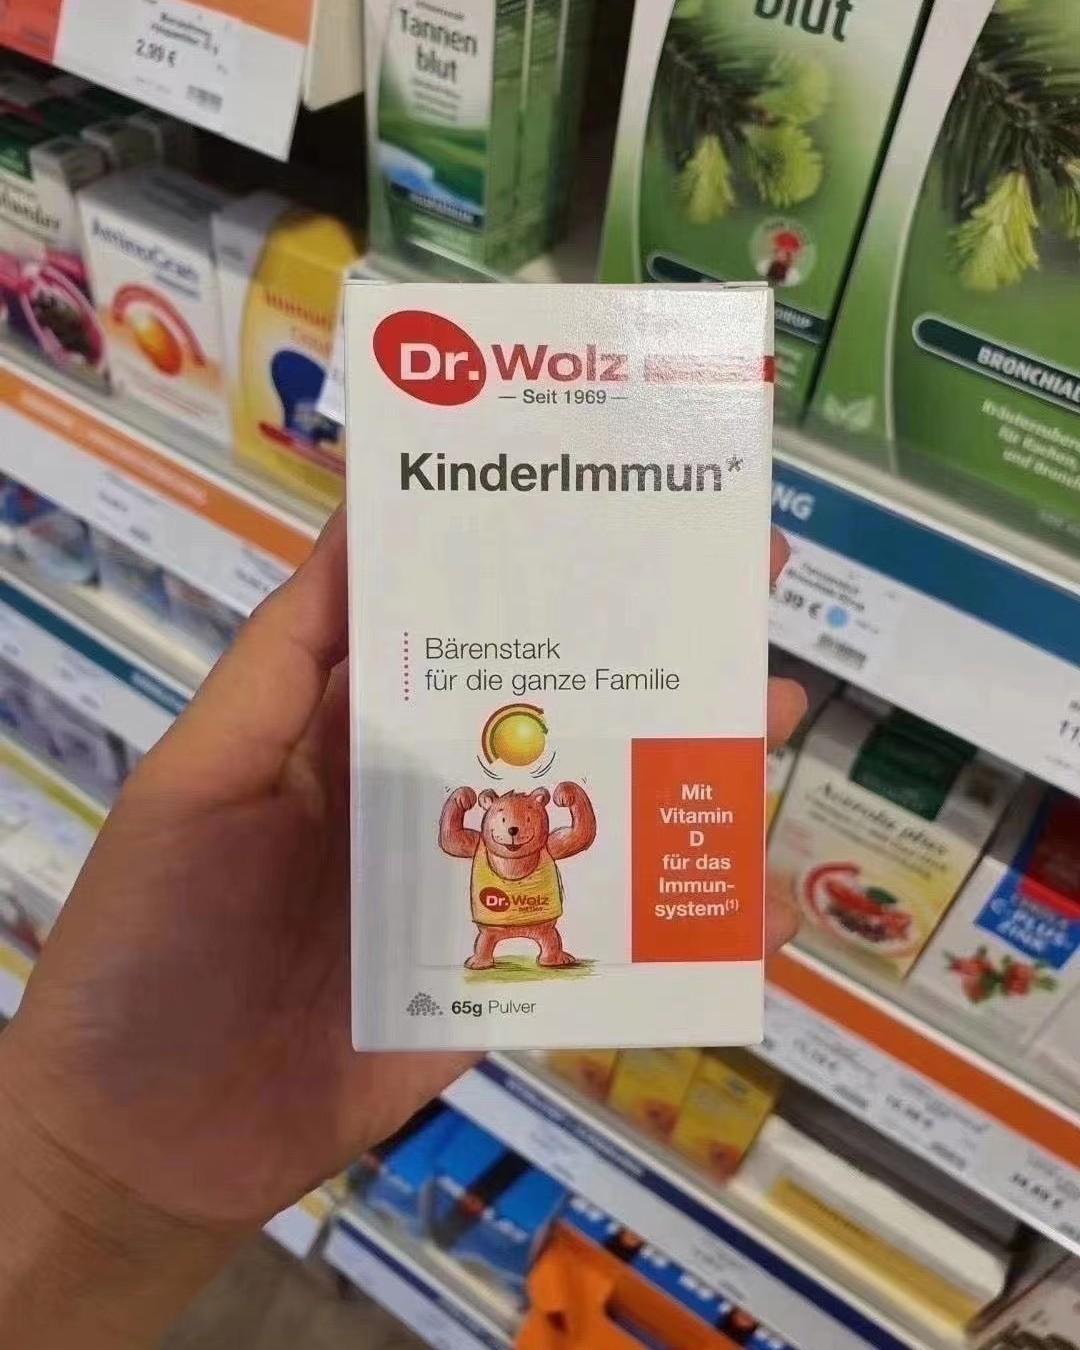 出闲置,一切都是为了孩子,家里常备的一些药,还有奶粉, 奶粉